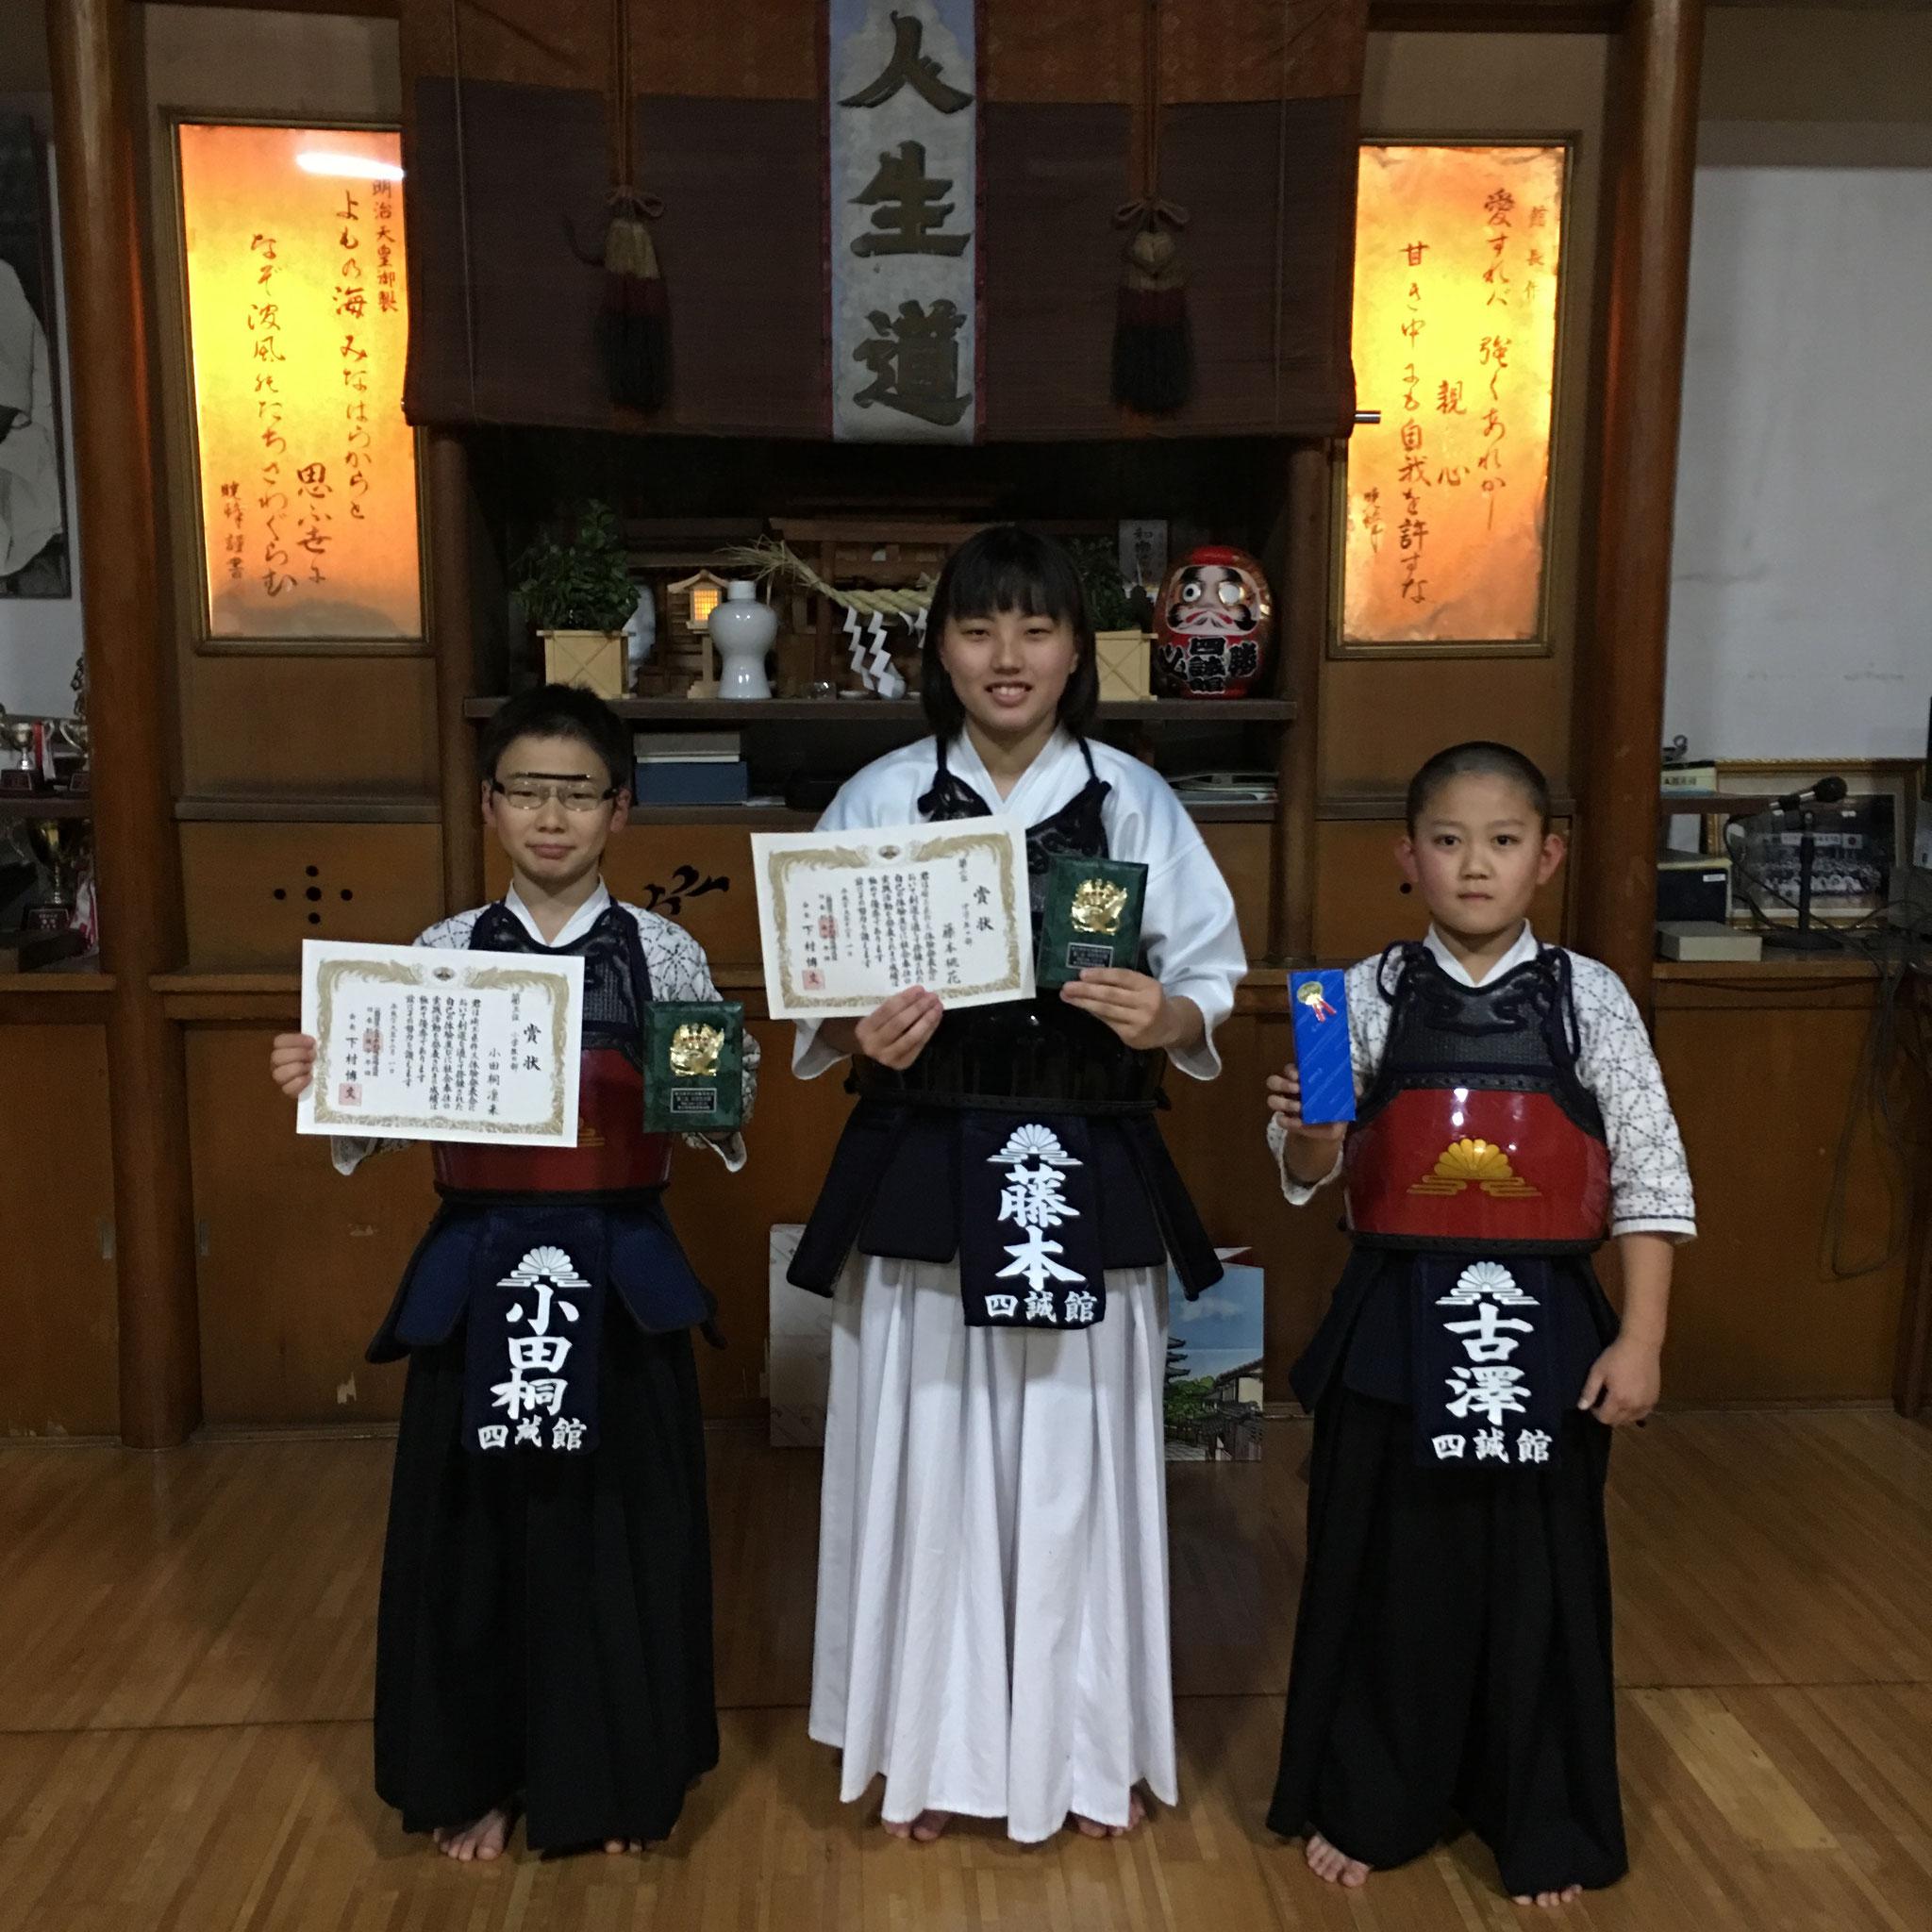 第40回日本剣道少年団研修会 体験実践発表会埼玉県予選